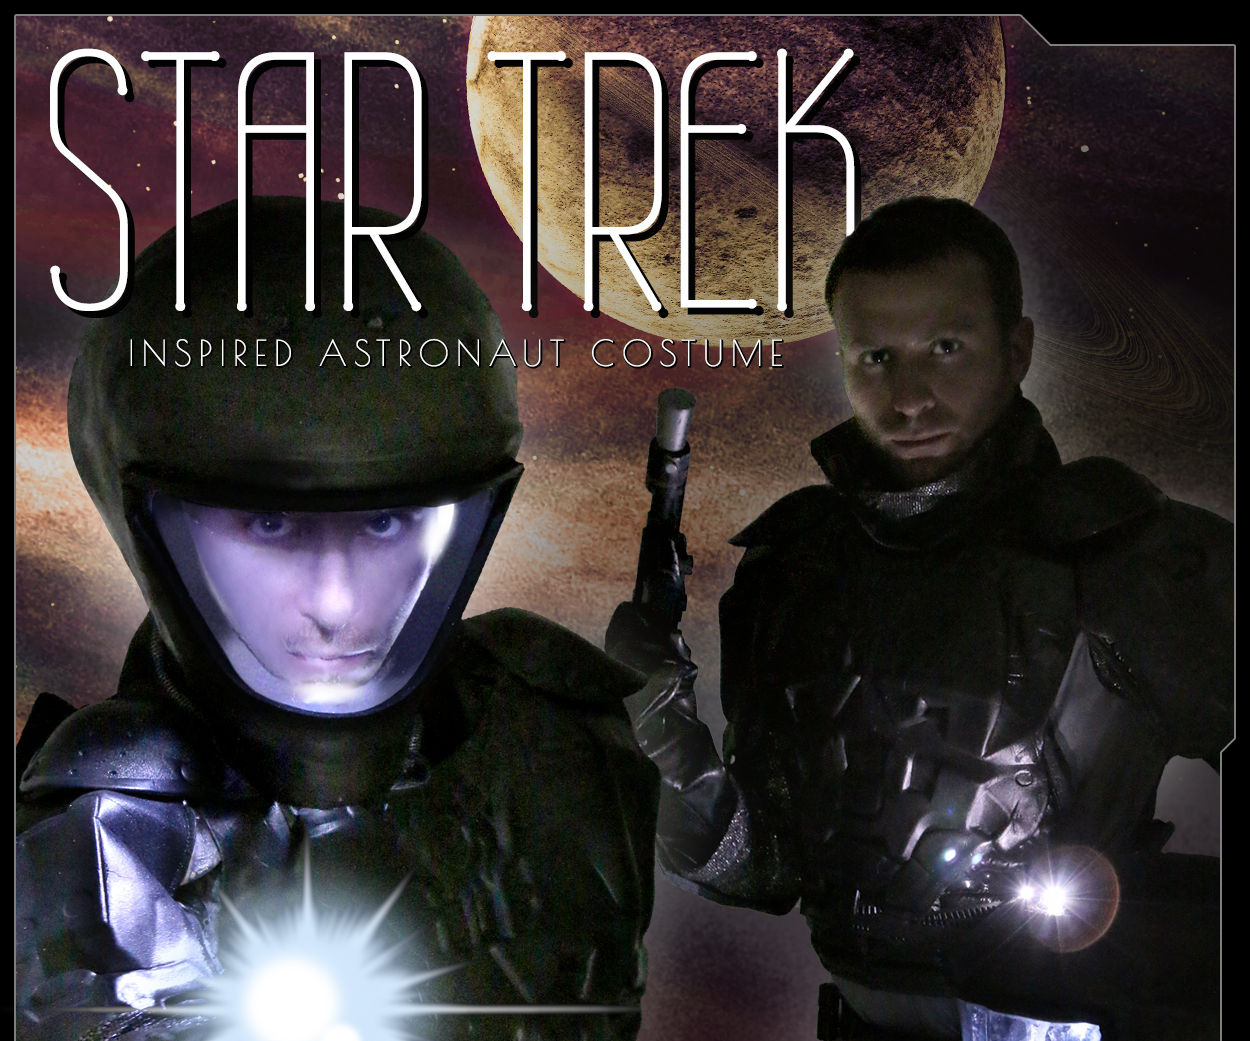 Star Trek Inspired LED Astronaut Costume DIY